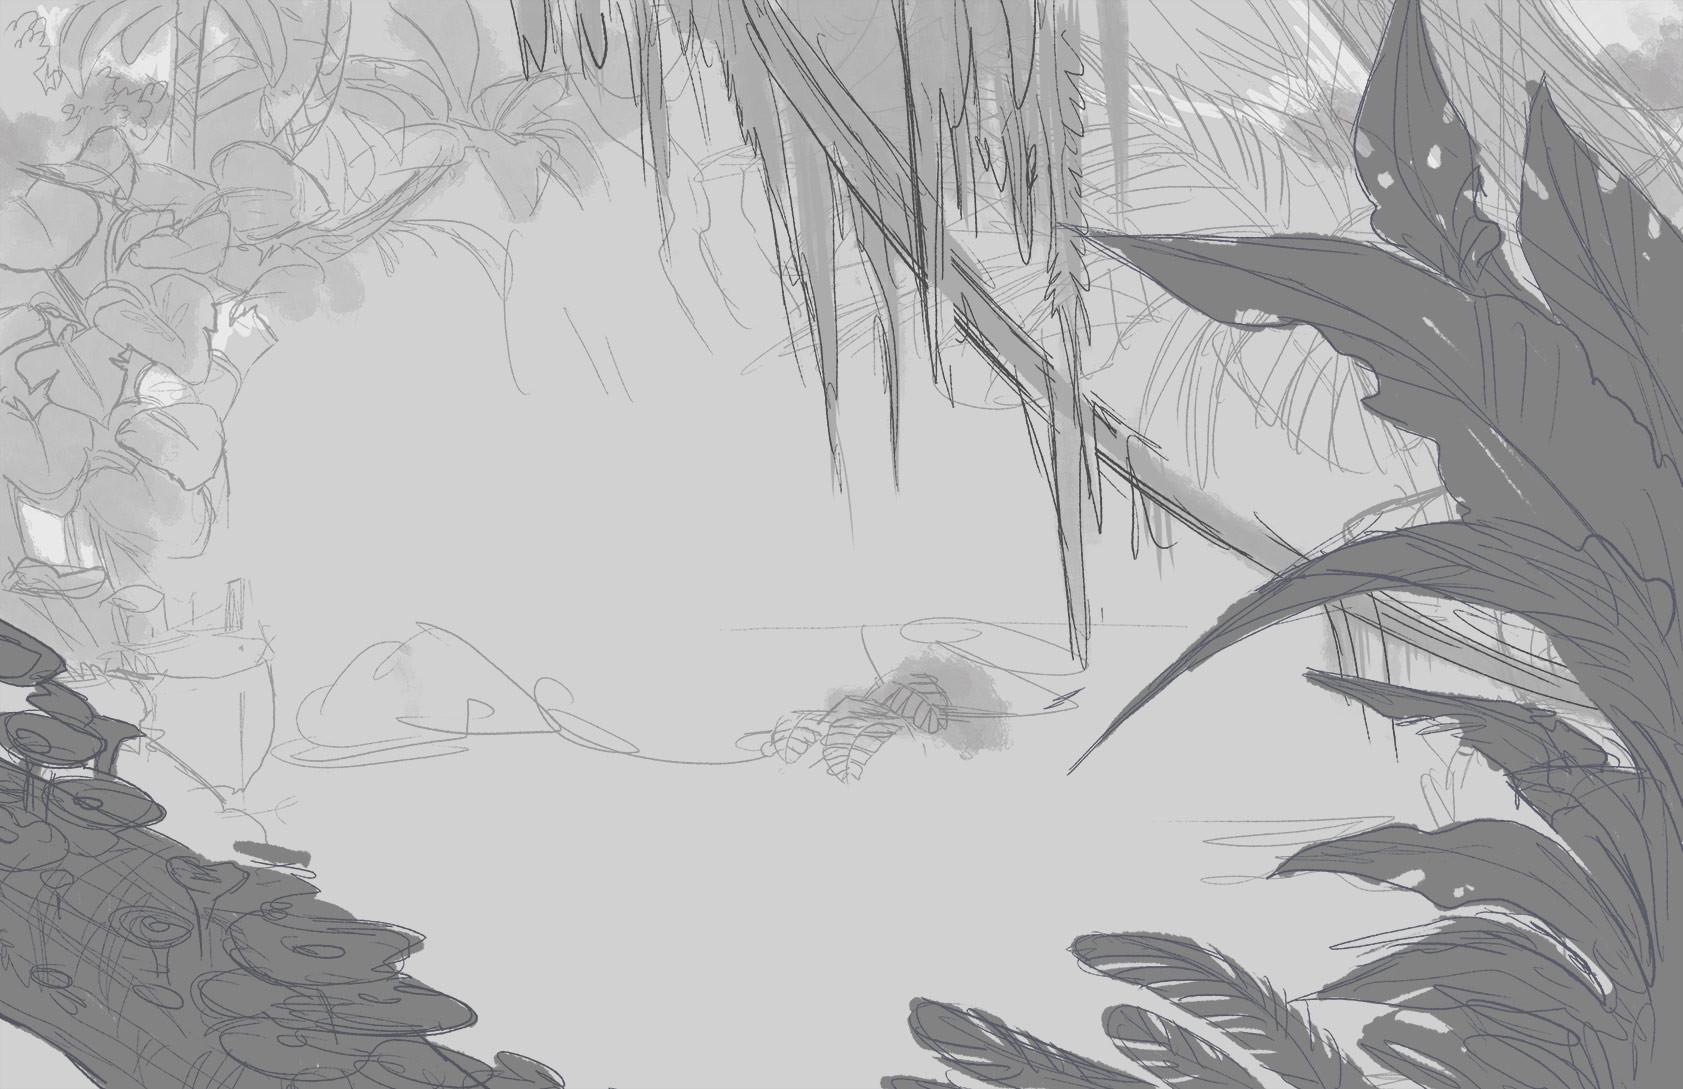 Maricela ugarte pena liasgarden sketch1